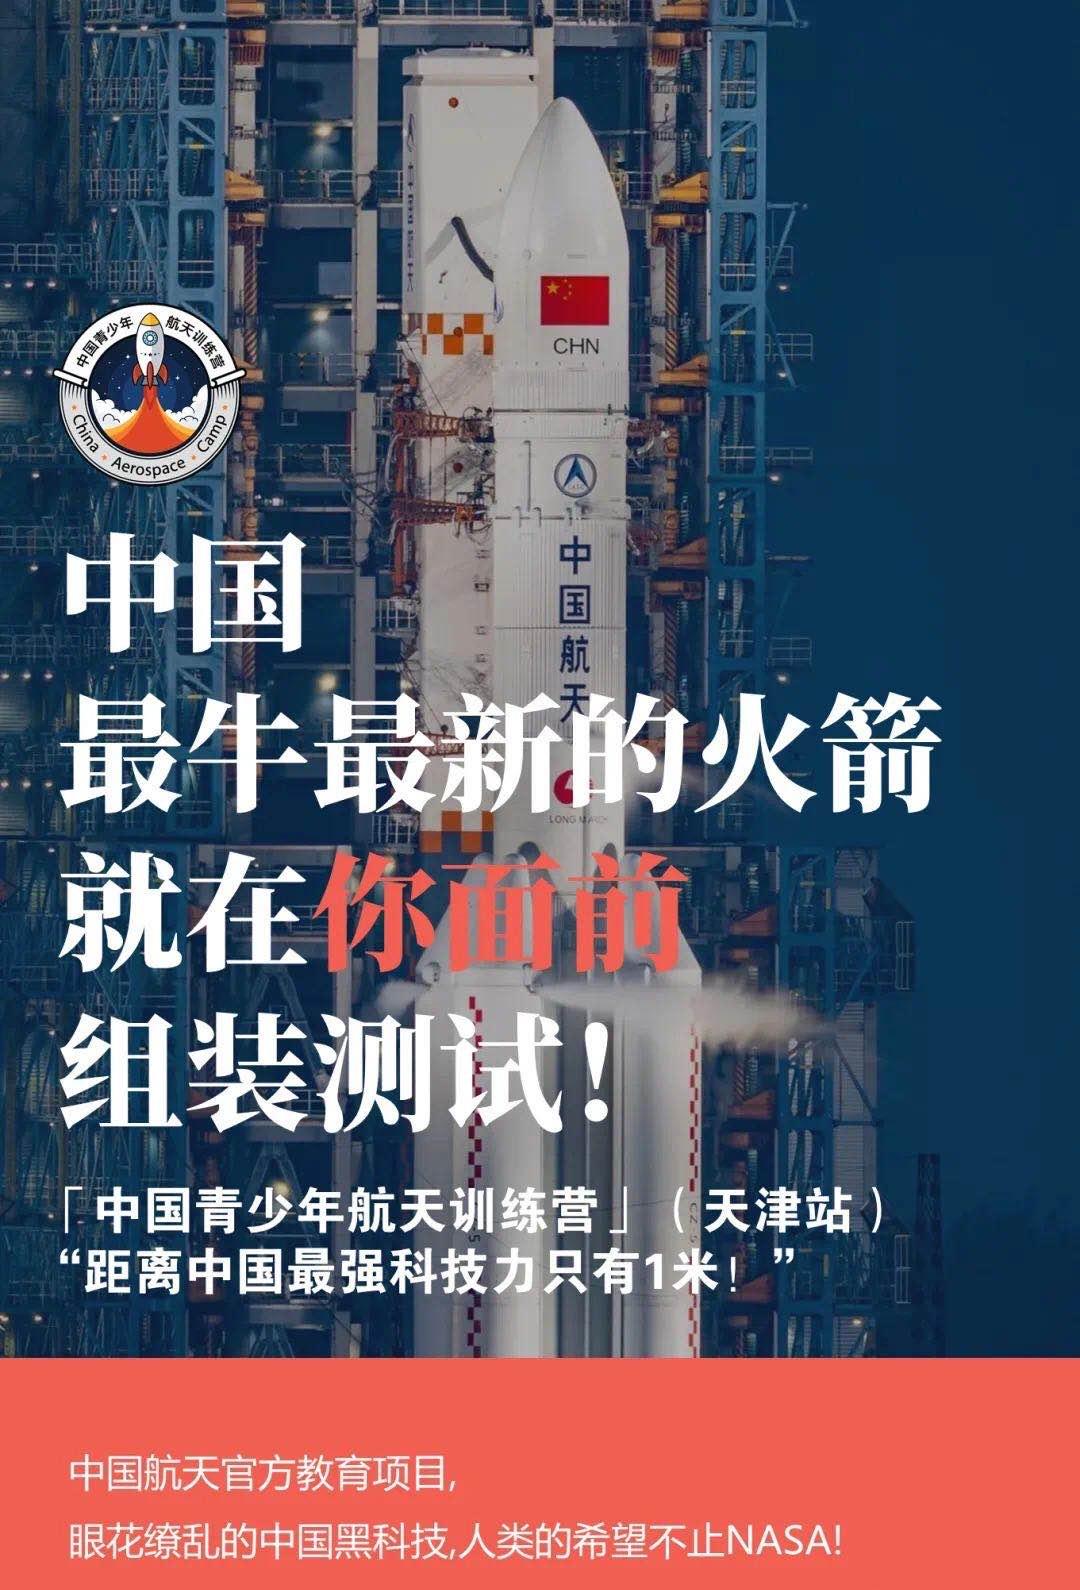 2020年天津10月会议日程排期表已发布,建议收藏